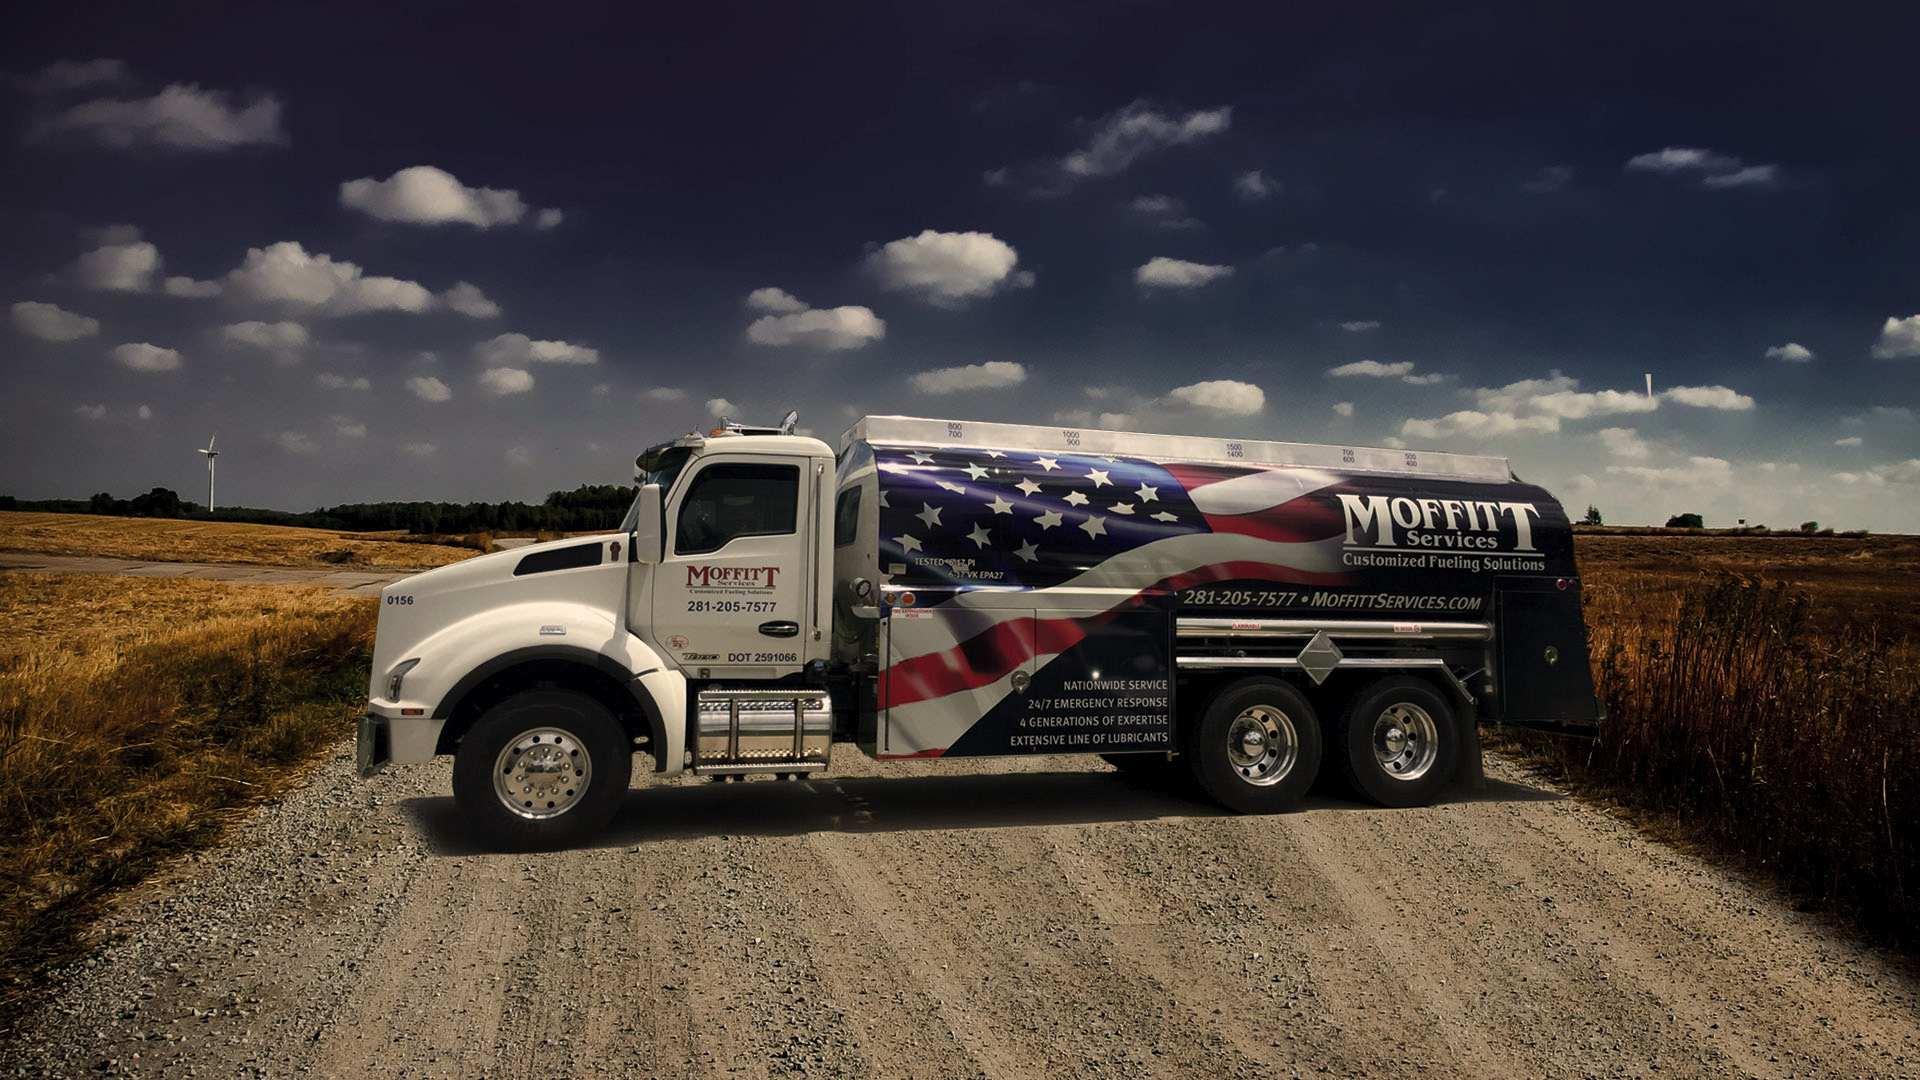 moffitt-truck-picture-4-s